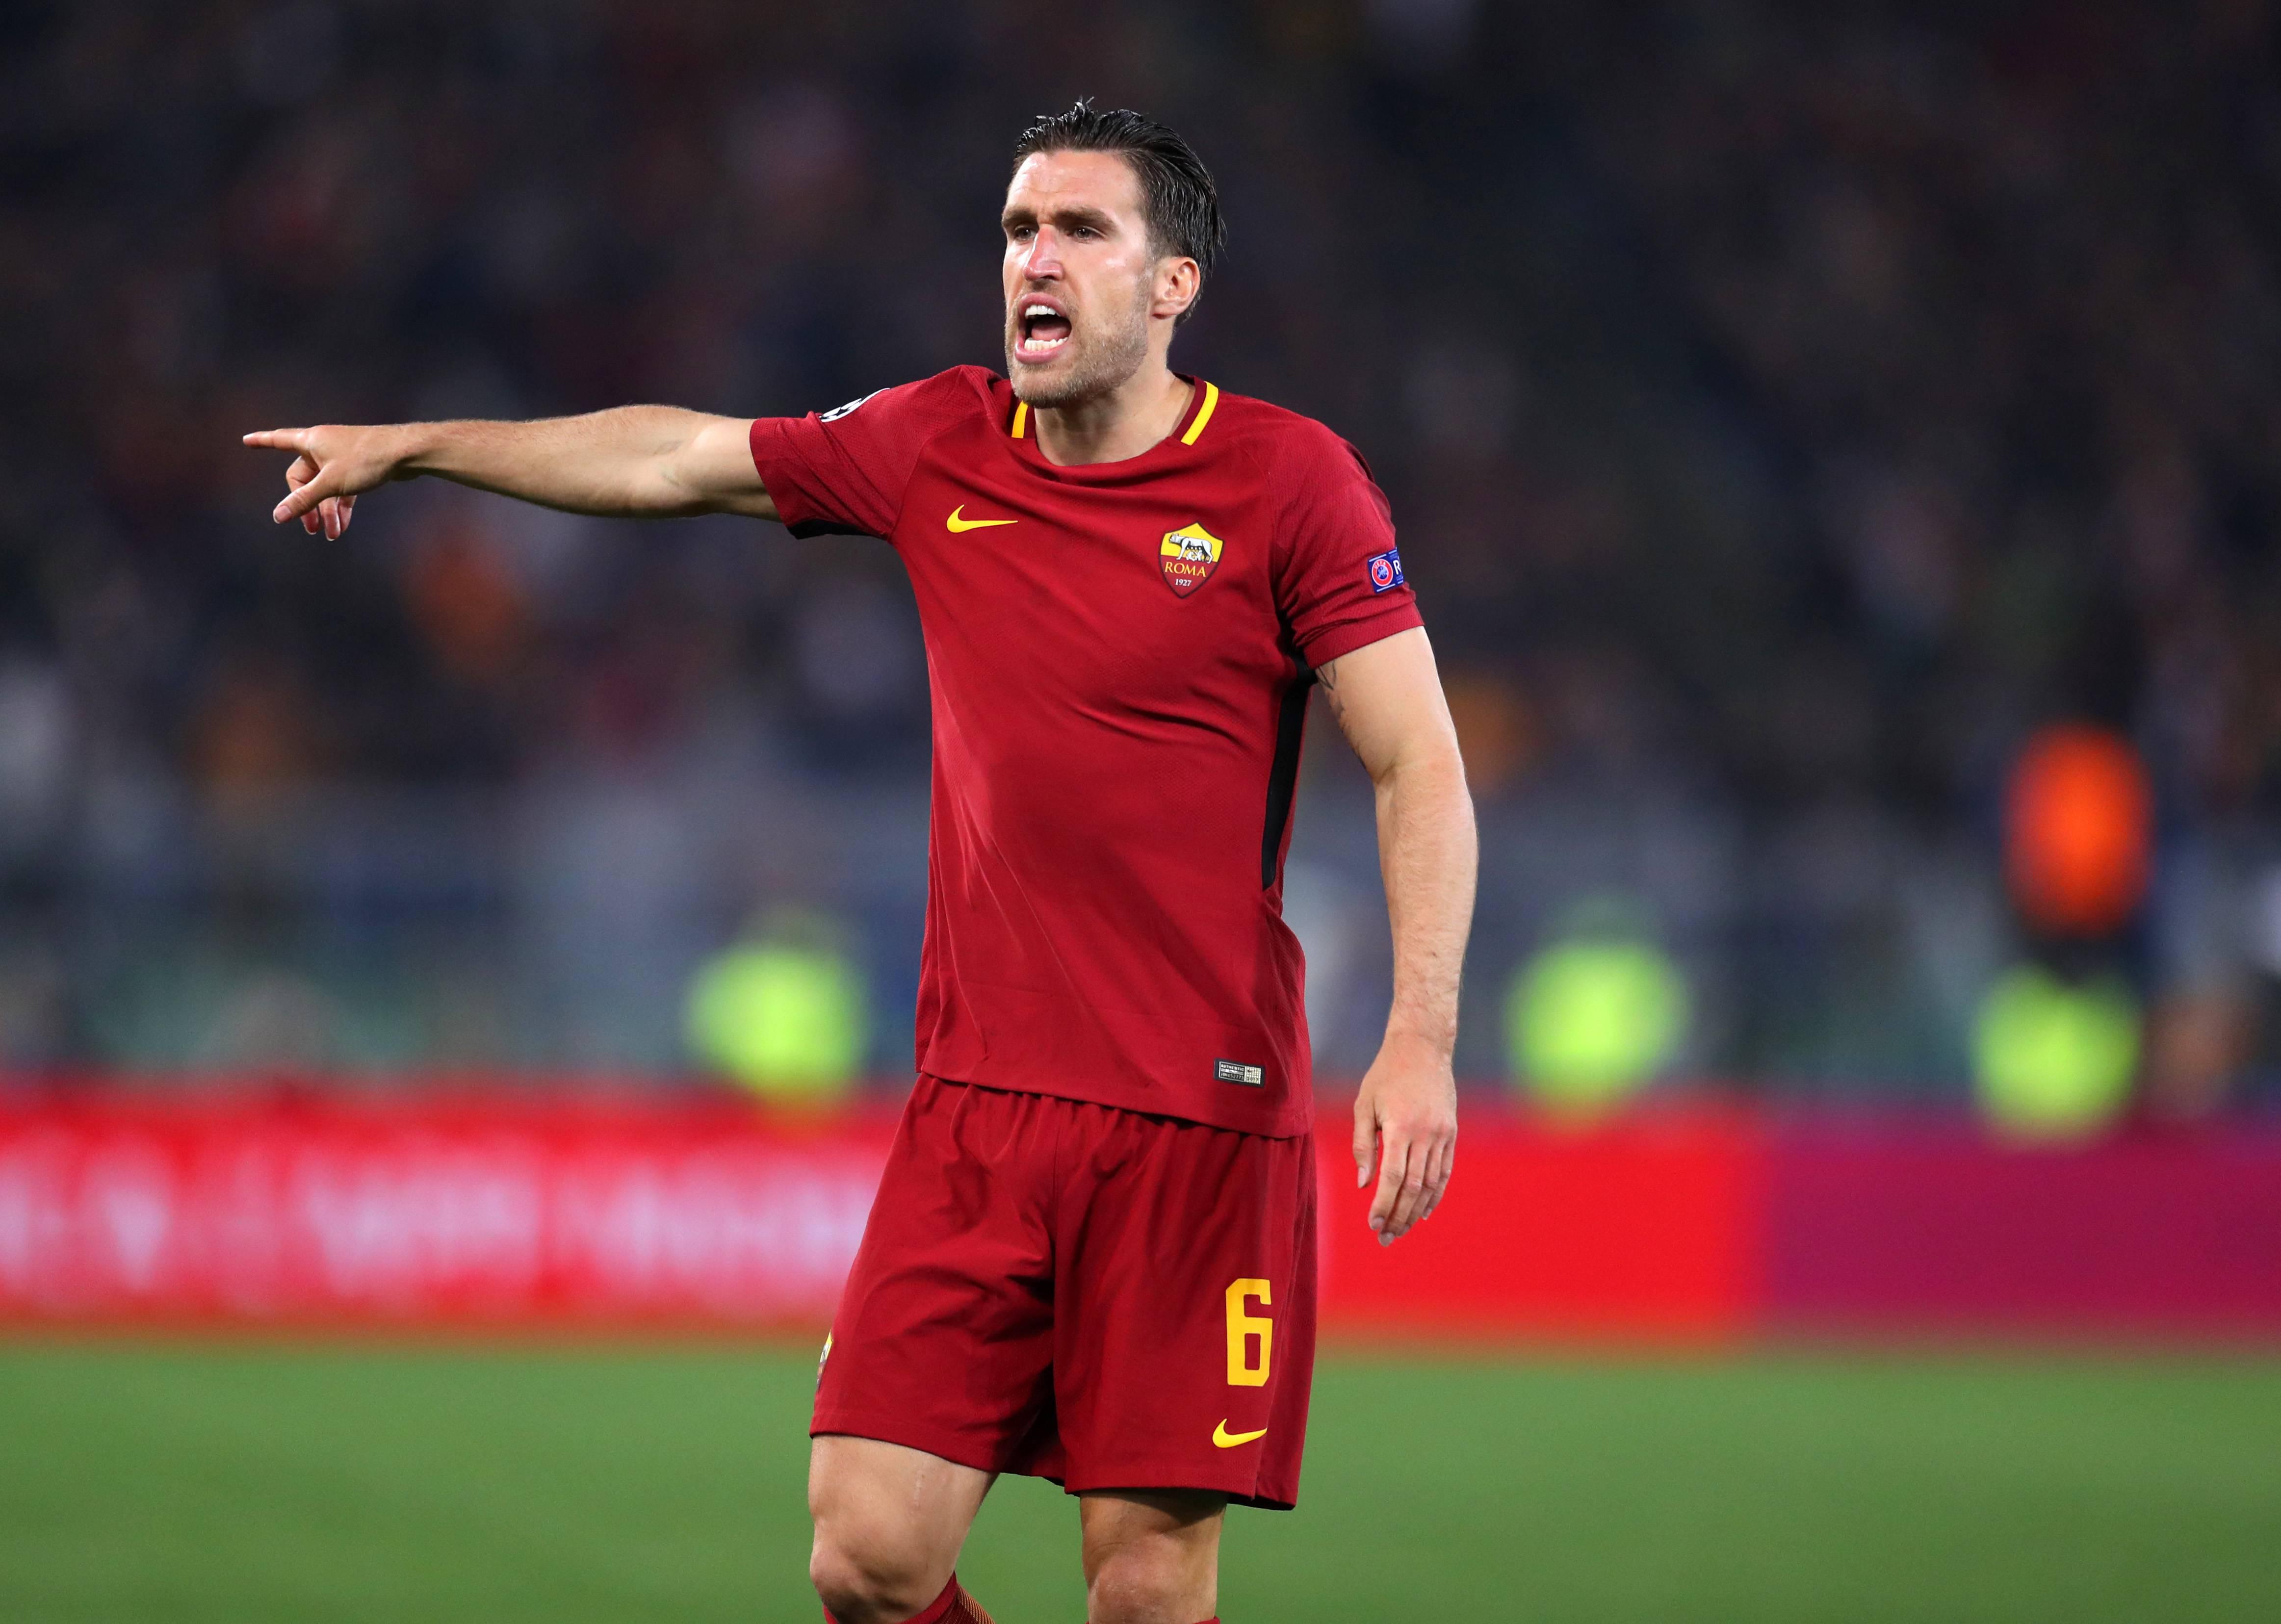 Calciomercato Roma: e se tornasse Strootman?